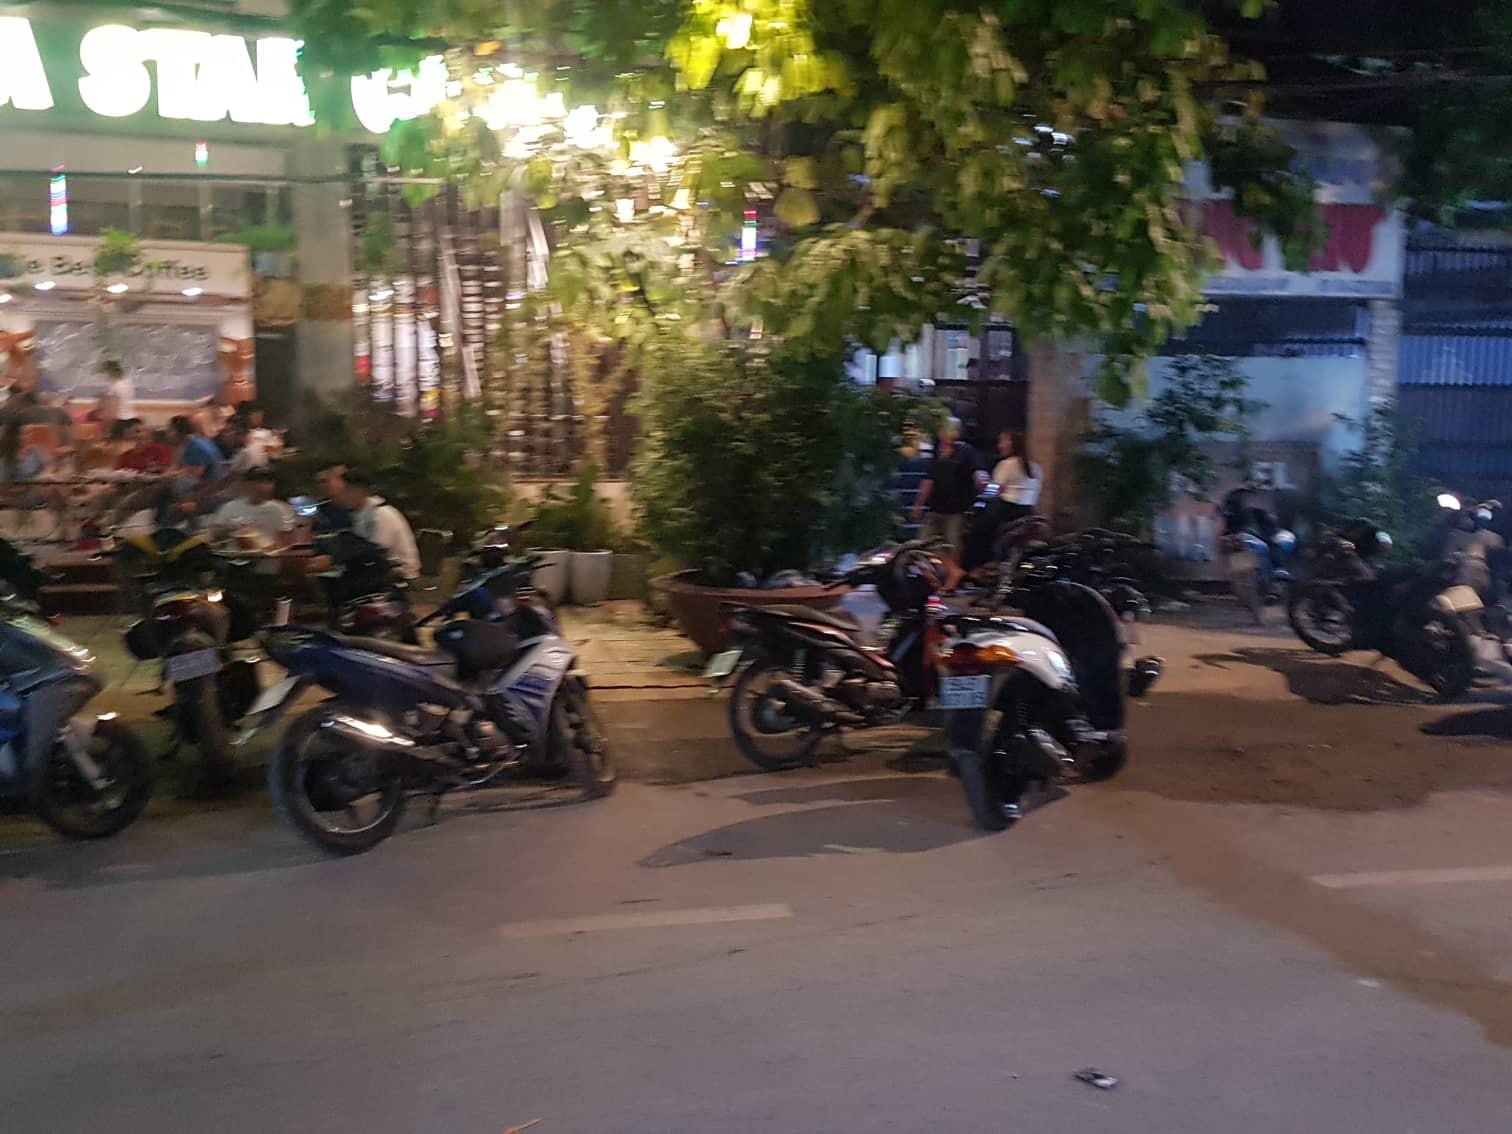 4 thanh niên cướp gần 2 tỷ sau khi dùng súng khống chế nhân viên khách sạn ở Sài Gòn - Ảnh 2.